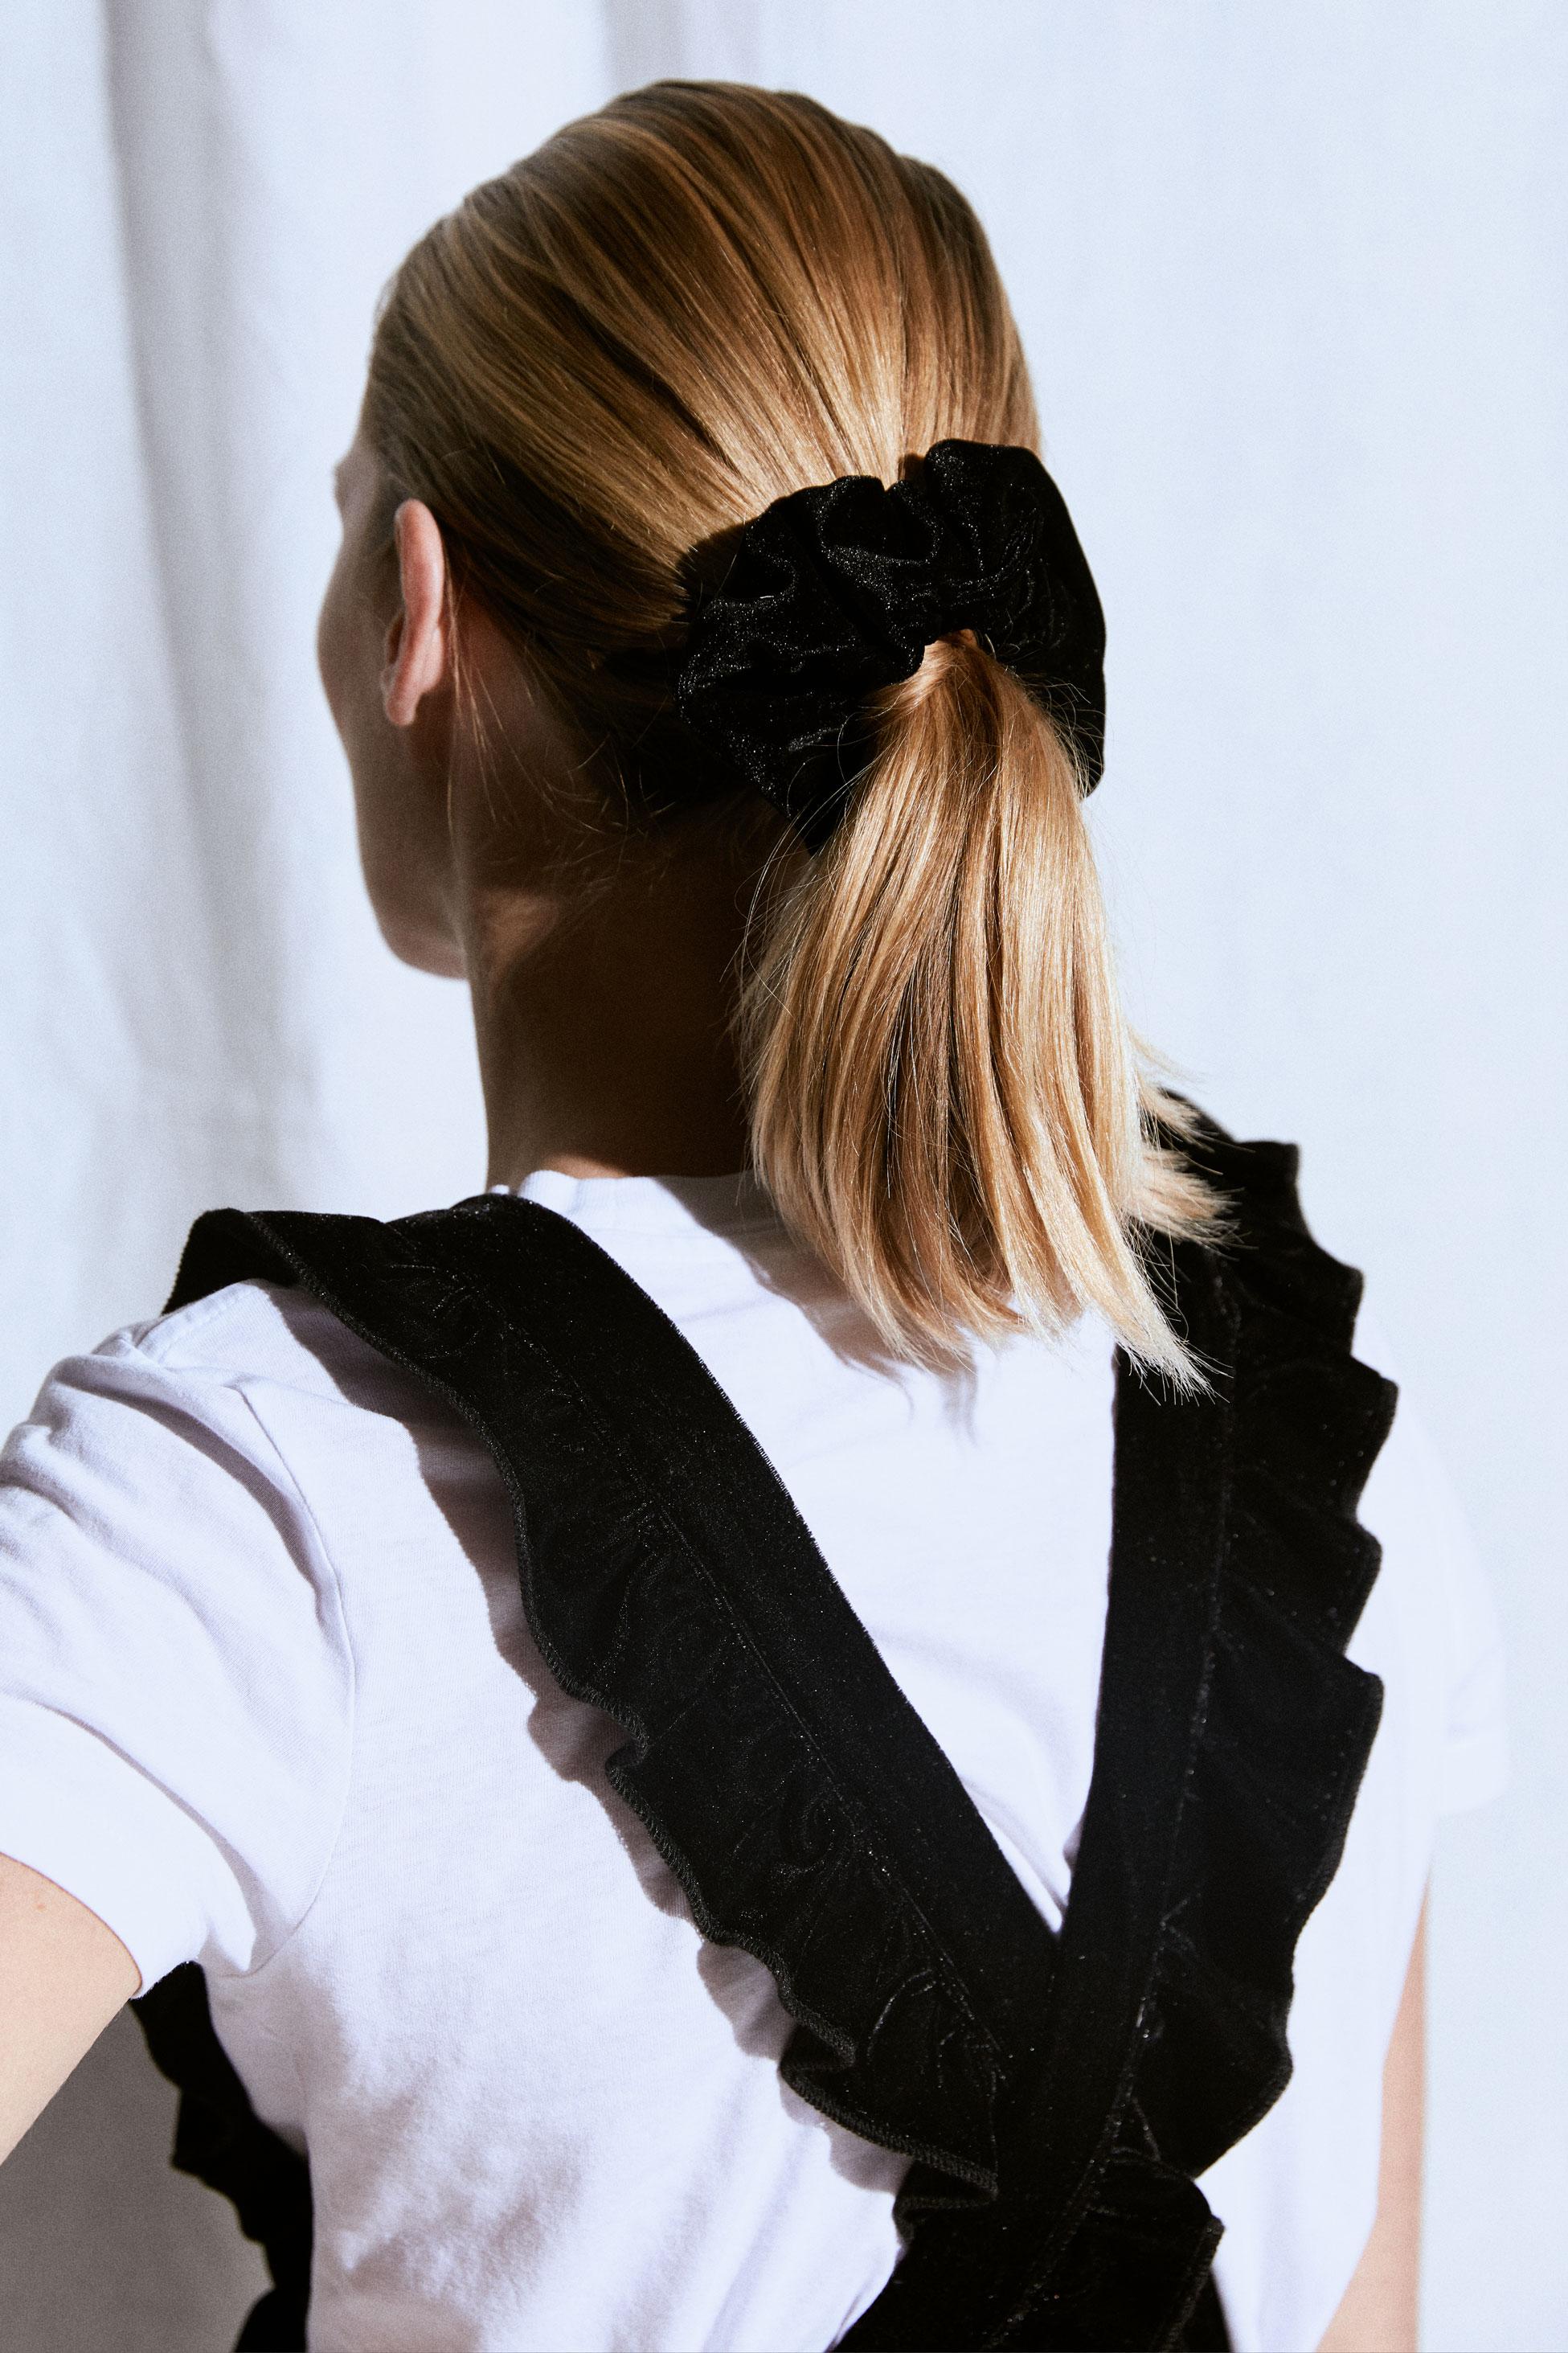 Photographe ecommerce dans la mode  en Finsitère